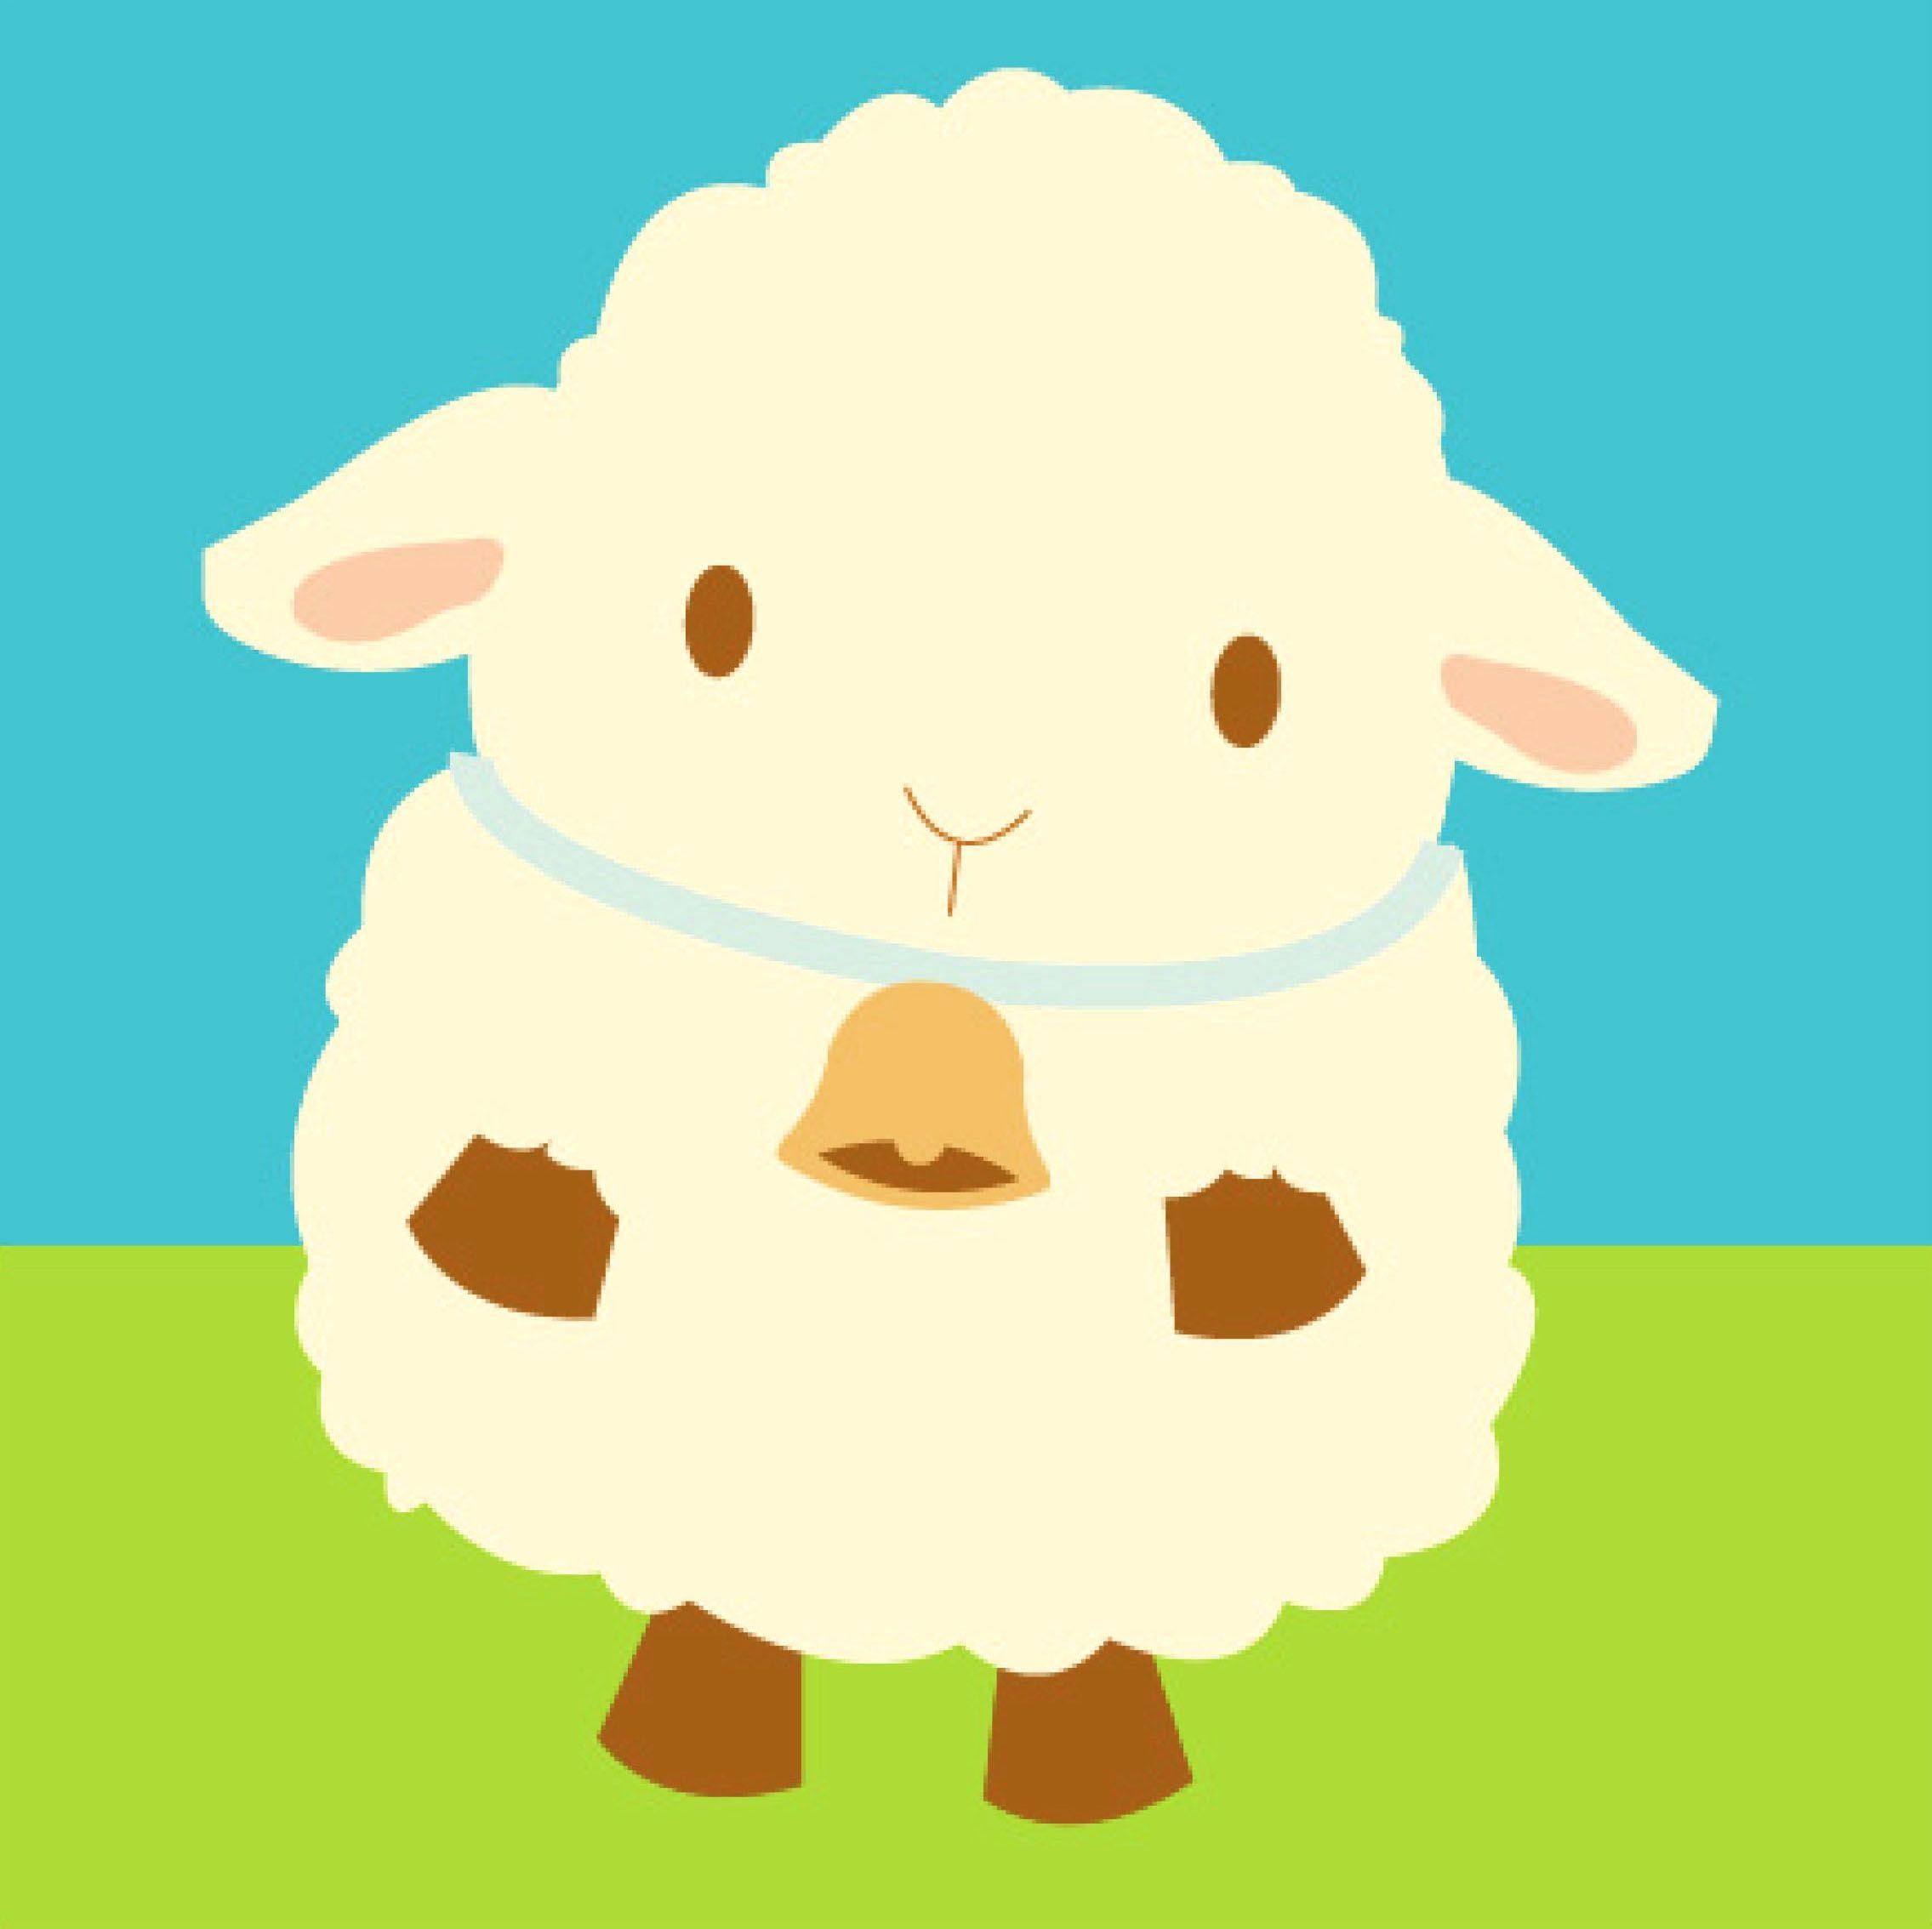 2271x2268 Images For Gt Lamb Images Clip Art Comunion Clip